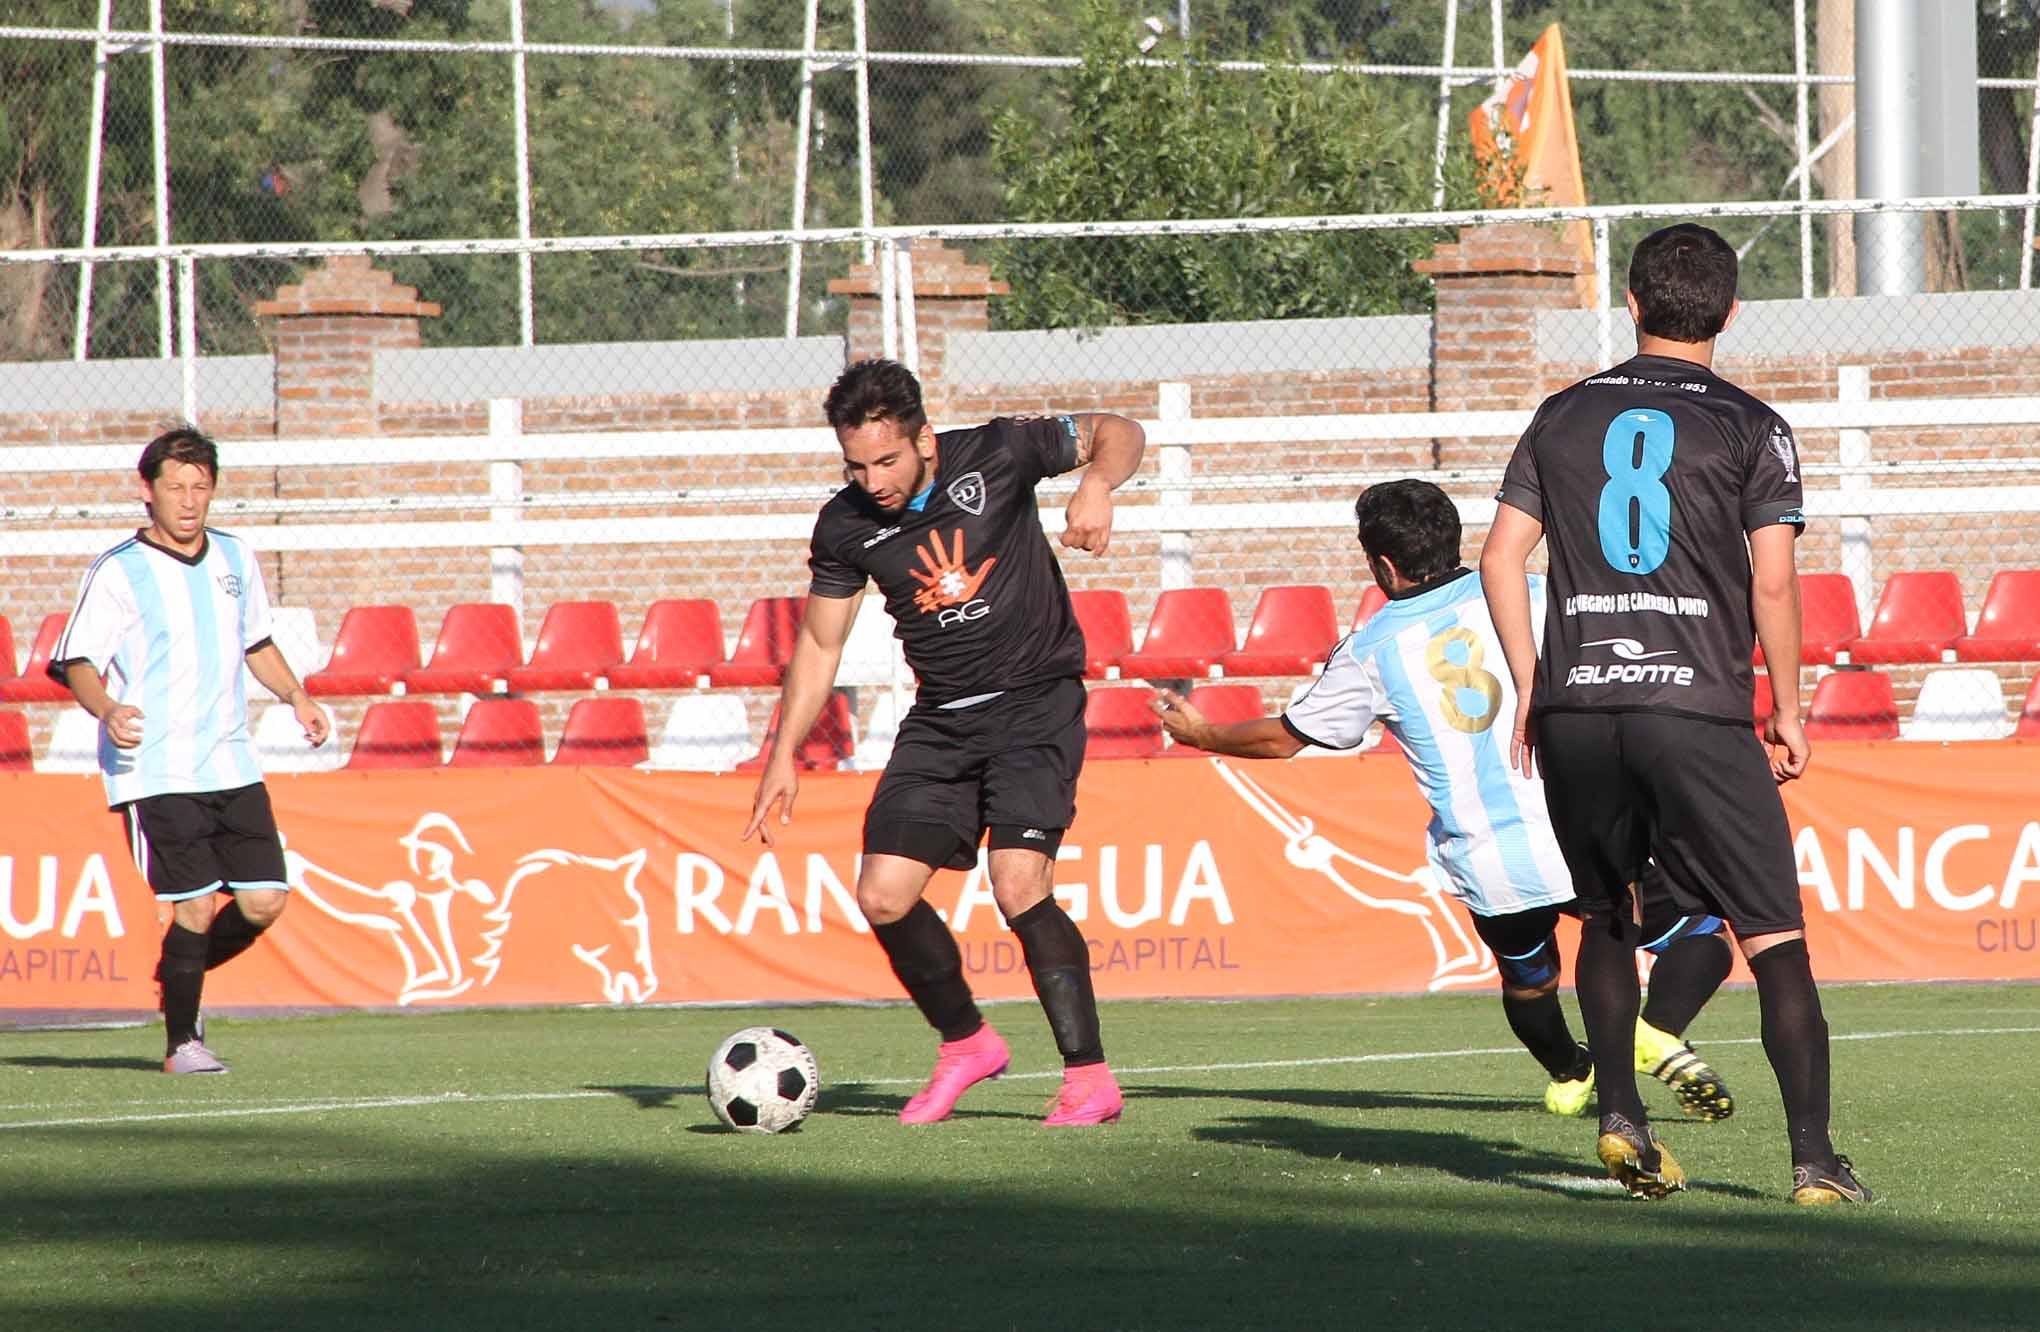 Campeonato de Los Barrios Rancagua